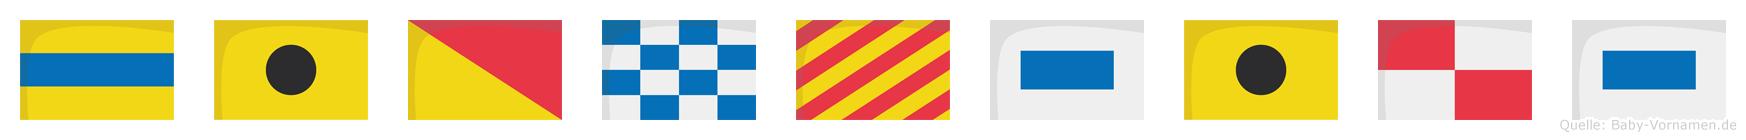 Dionysius im Flaggenalphabet